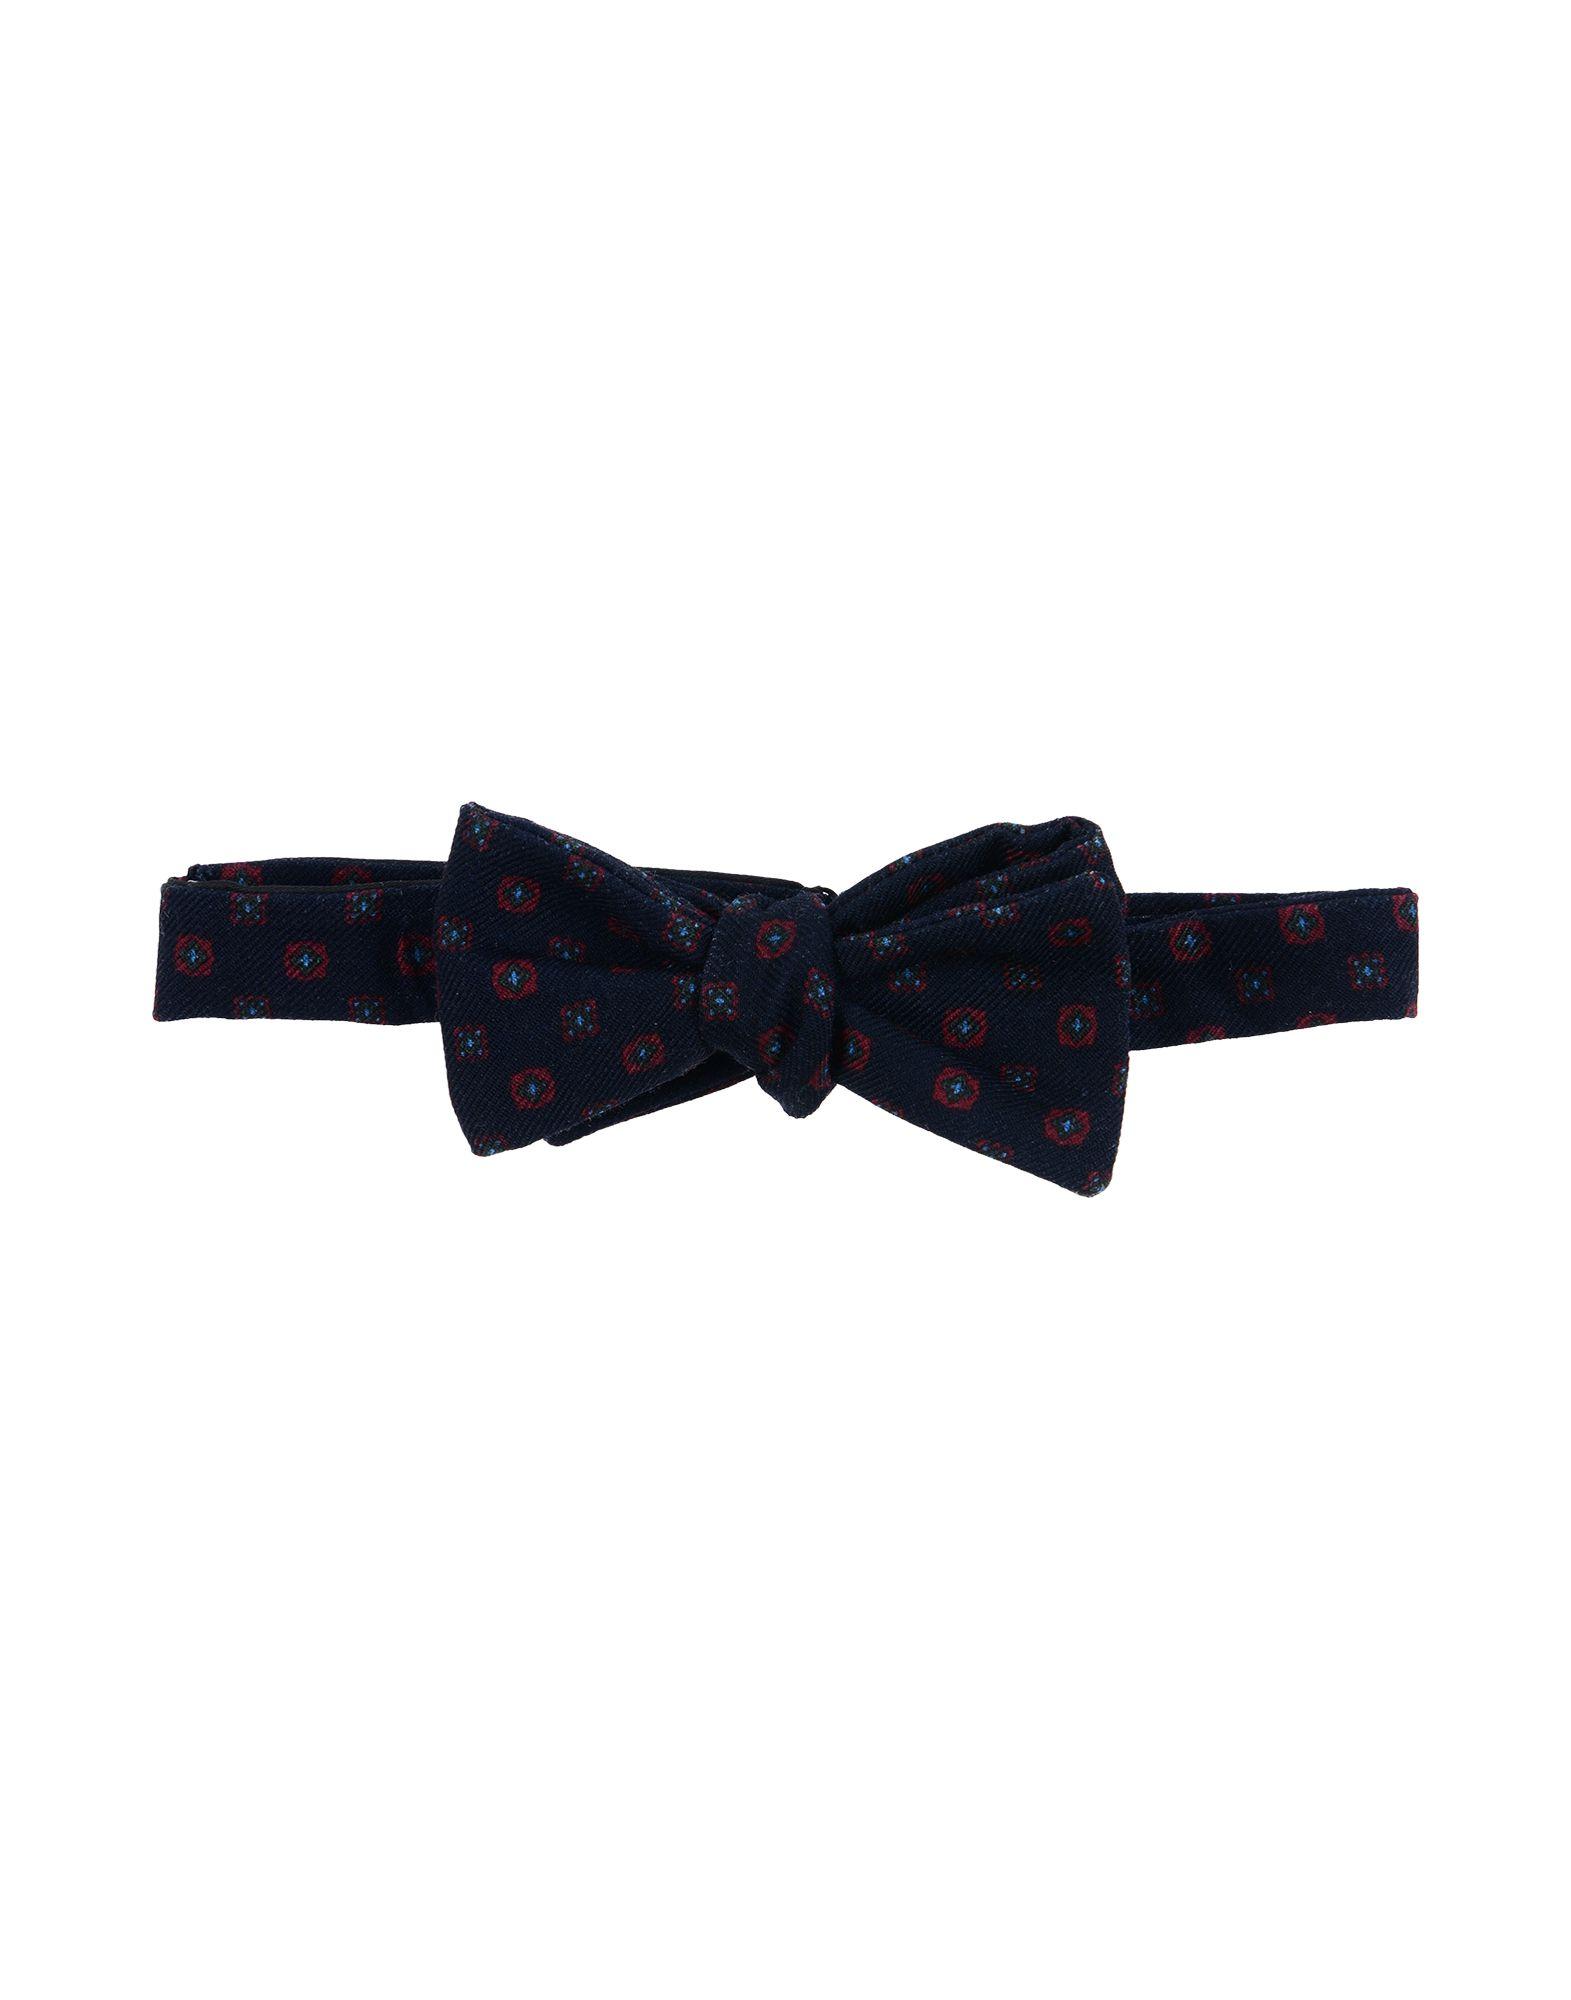 offrir des rabais Design moderne sélectionner pour officiel HACKETT Cravate - Accessoires | YOOX.COM